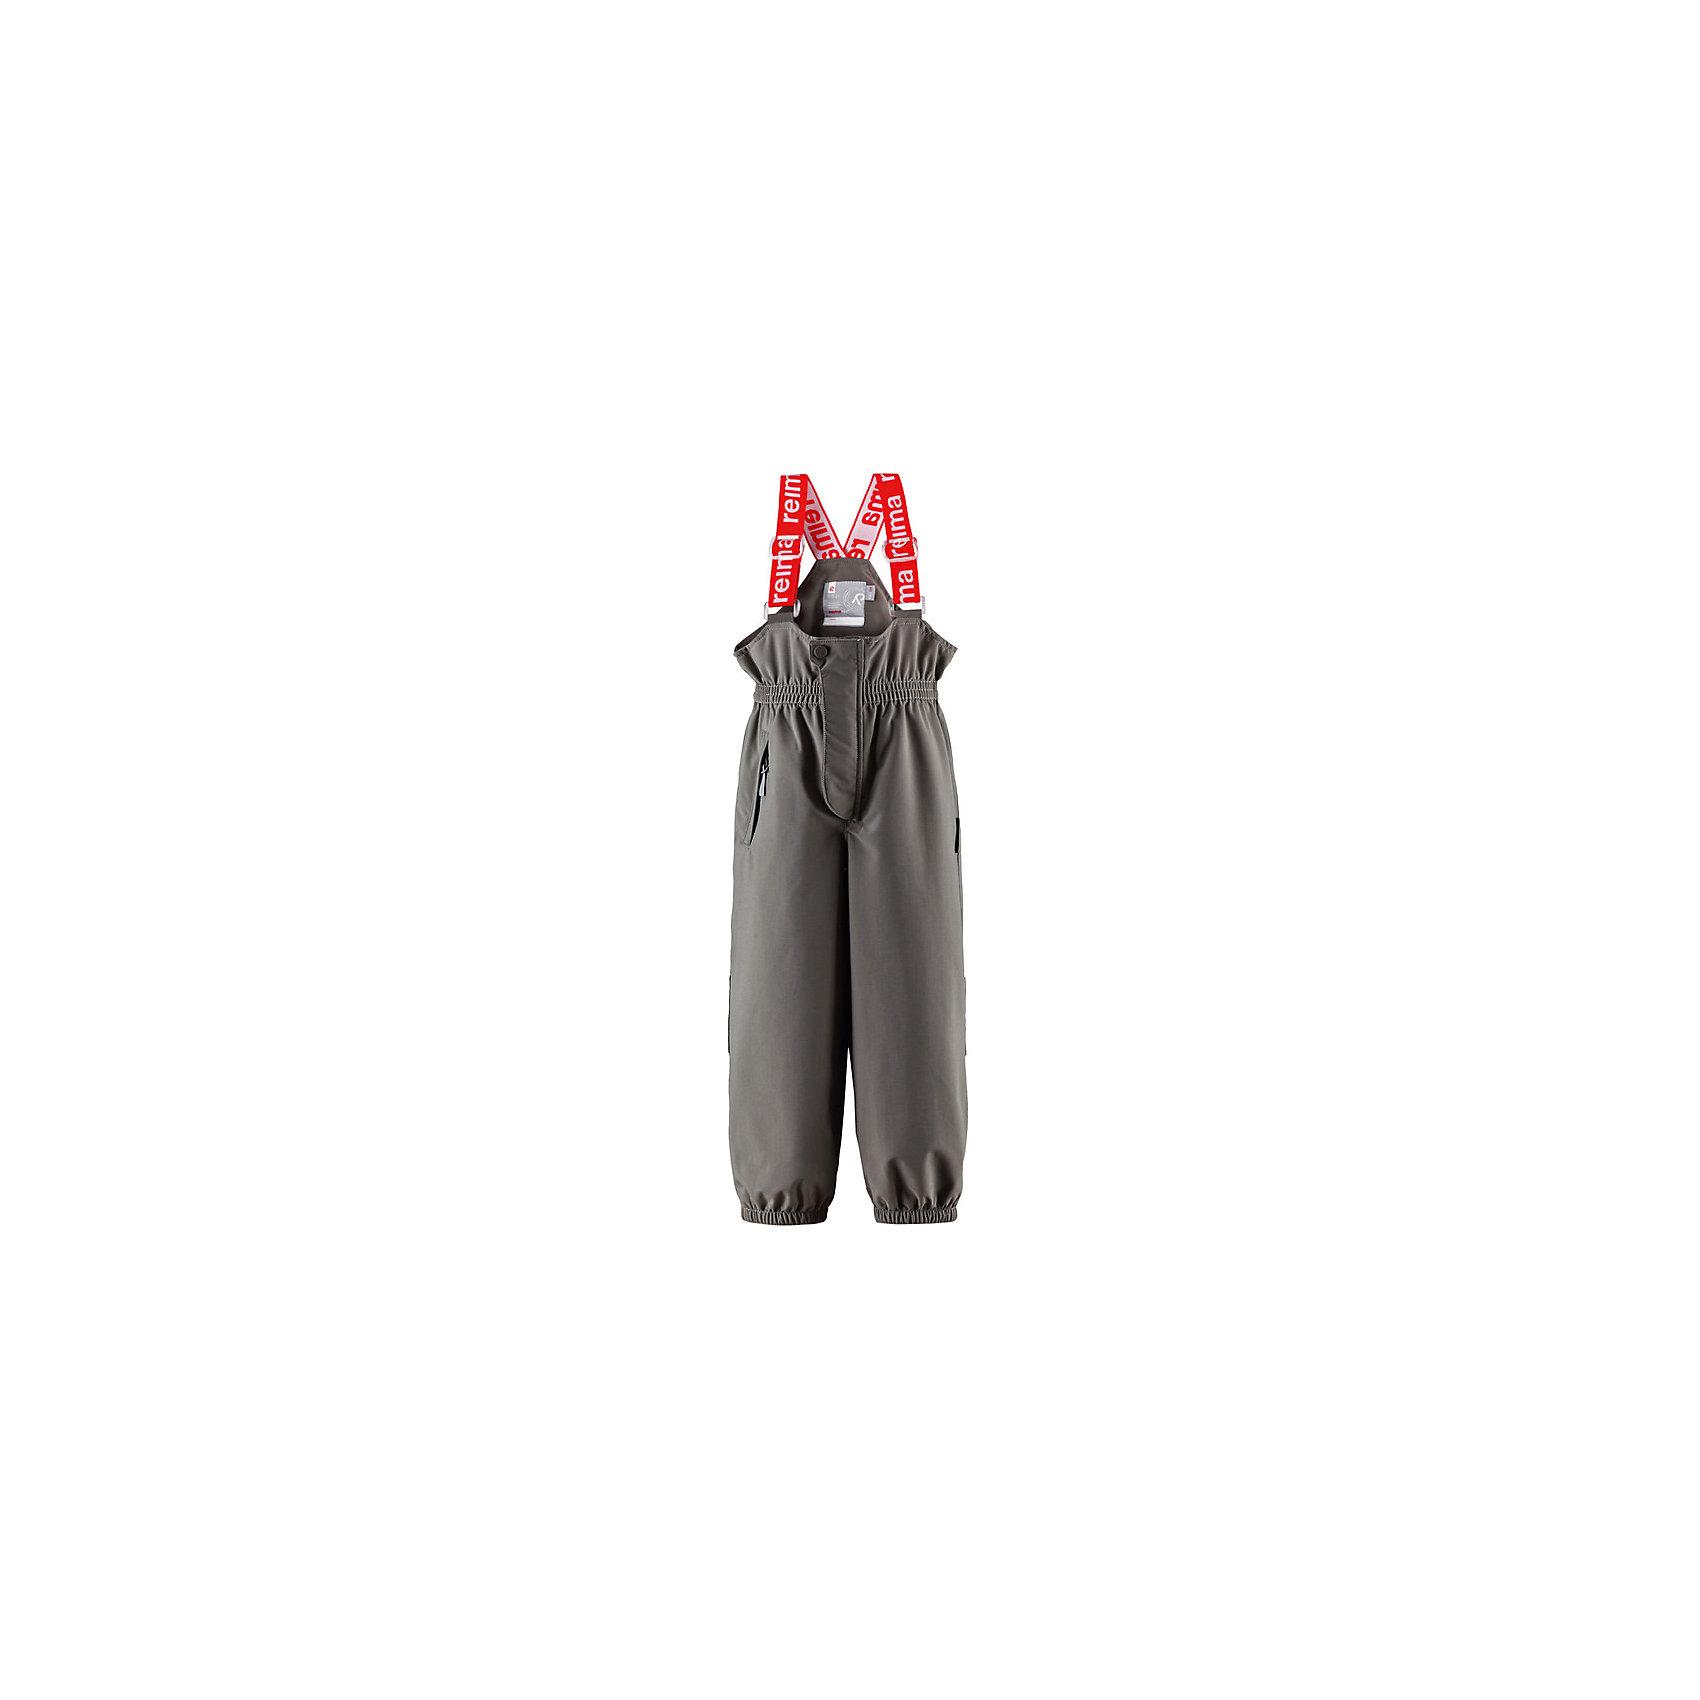 Брюки Reimatec®  ReimaВодонепроницаемые, дышащие брюки для детей на любую погоду с удобными подтяжками – абсолютно необходимая вещь для прогулок на воздухе в межсезонье. Эта модель защищает спину и подходит для использования в зимнее время, нужно только добавить средних слоев под низ для дополнительного тепла. Эластичный пояс и регулируемые подтяжки гарантируют хорошую посадку по фигуре, а износостойкие силиконовые штрипки фиксируют низ брючин на месте, независимо от вида деятельности!<br><br>-Демисезонные непромокаемые брюки для детей, модель в стиле ORIGINAL<br>-Все швы проклеены для создания водонепроницаемости<br>-Прочный материал<br>-Высокая эластичная талия <br>-Регулируемые подтяжки<br>-Один карман на молнии<br>-Прочные силиконовые штрипки<br>-Водонепроницаемость выше 10000 мм<br>Состав:100% Полиамид, Полиуретан-покрытие<br><br>Брюки Reimatec® (Рейматек) Reima (Рейма) можно купить в нашем магазине.<br><br>Ширина мм: 215<br>Глубина мм: 88<br>Высота мм: 191<br>Вес г: 336<br>Цвет: серый<br>Возраст от месяцев: 60<br>Возраст до месяцев: 72<br>Пол: Унисекс<br>Возраст: Детский<br>Размер: 116,92,152,146,110,122,140,98,128,134,104<br>SKU: 3997845